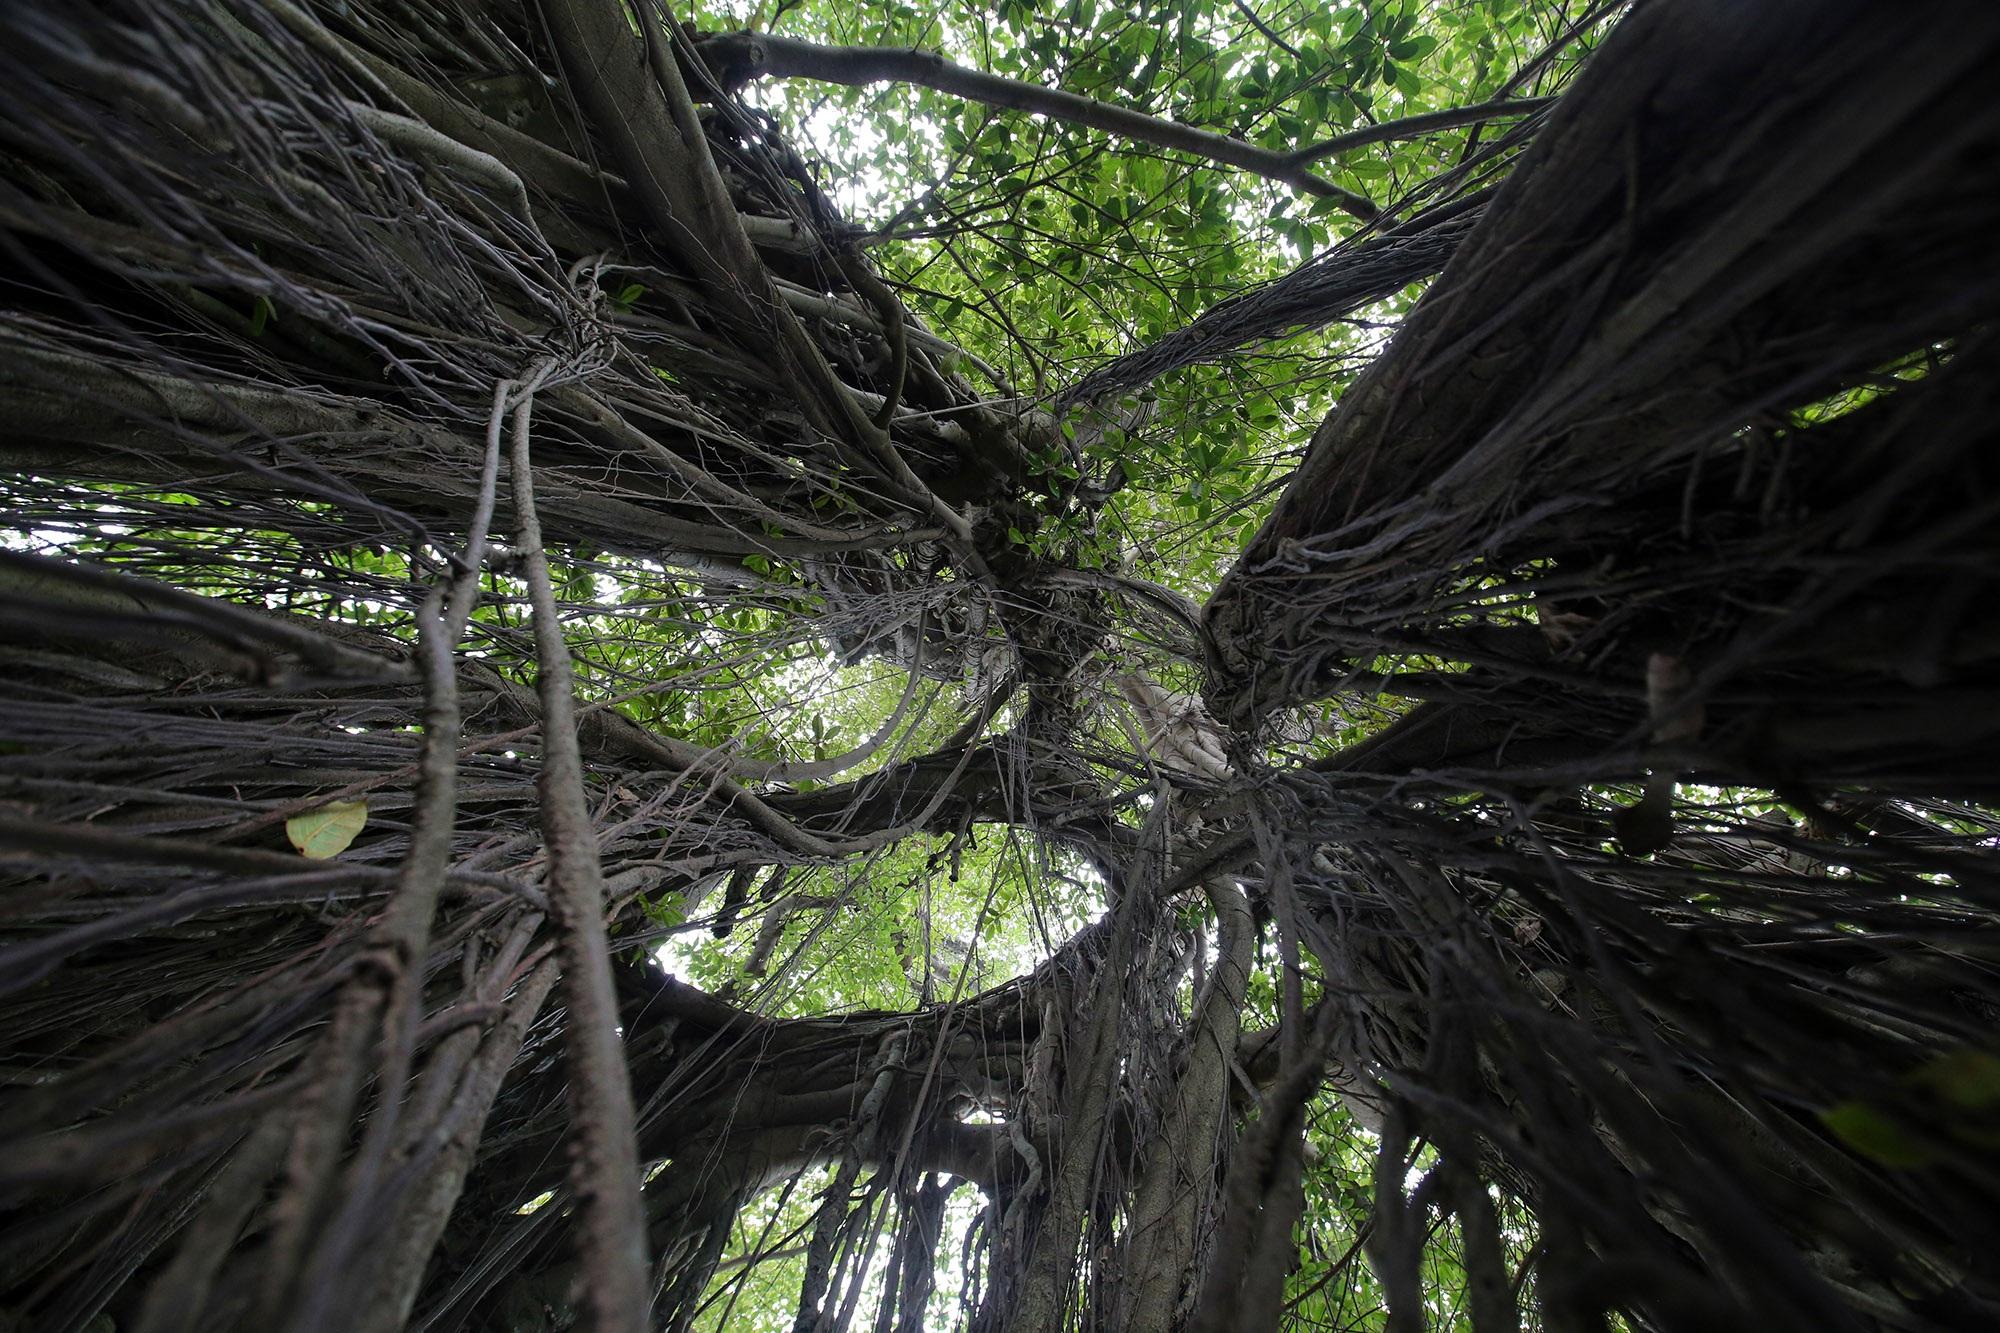 Chuyện ít người biết về cây đa khổng lồ ở xã Viên Nội - 8